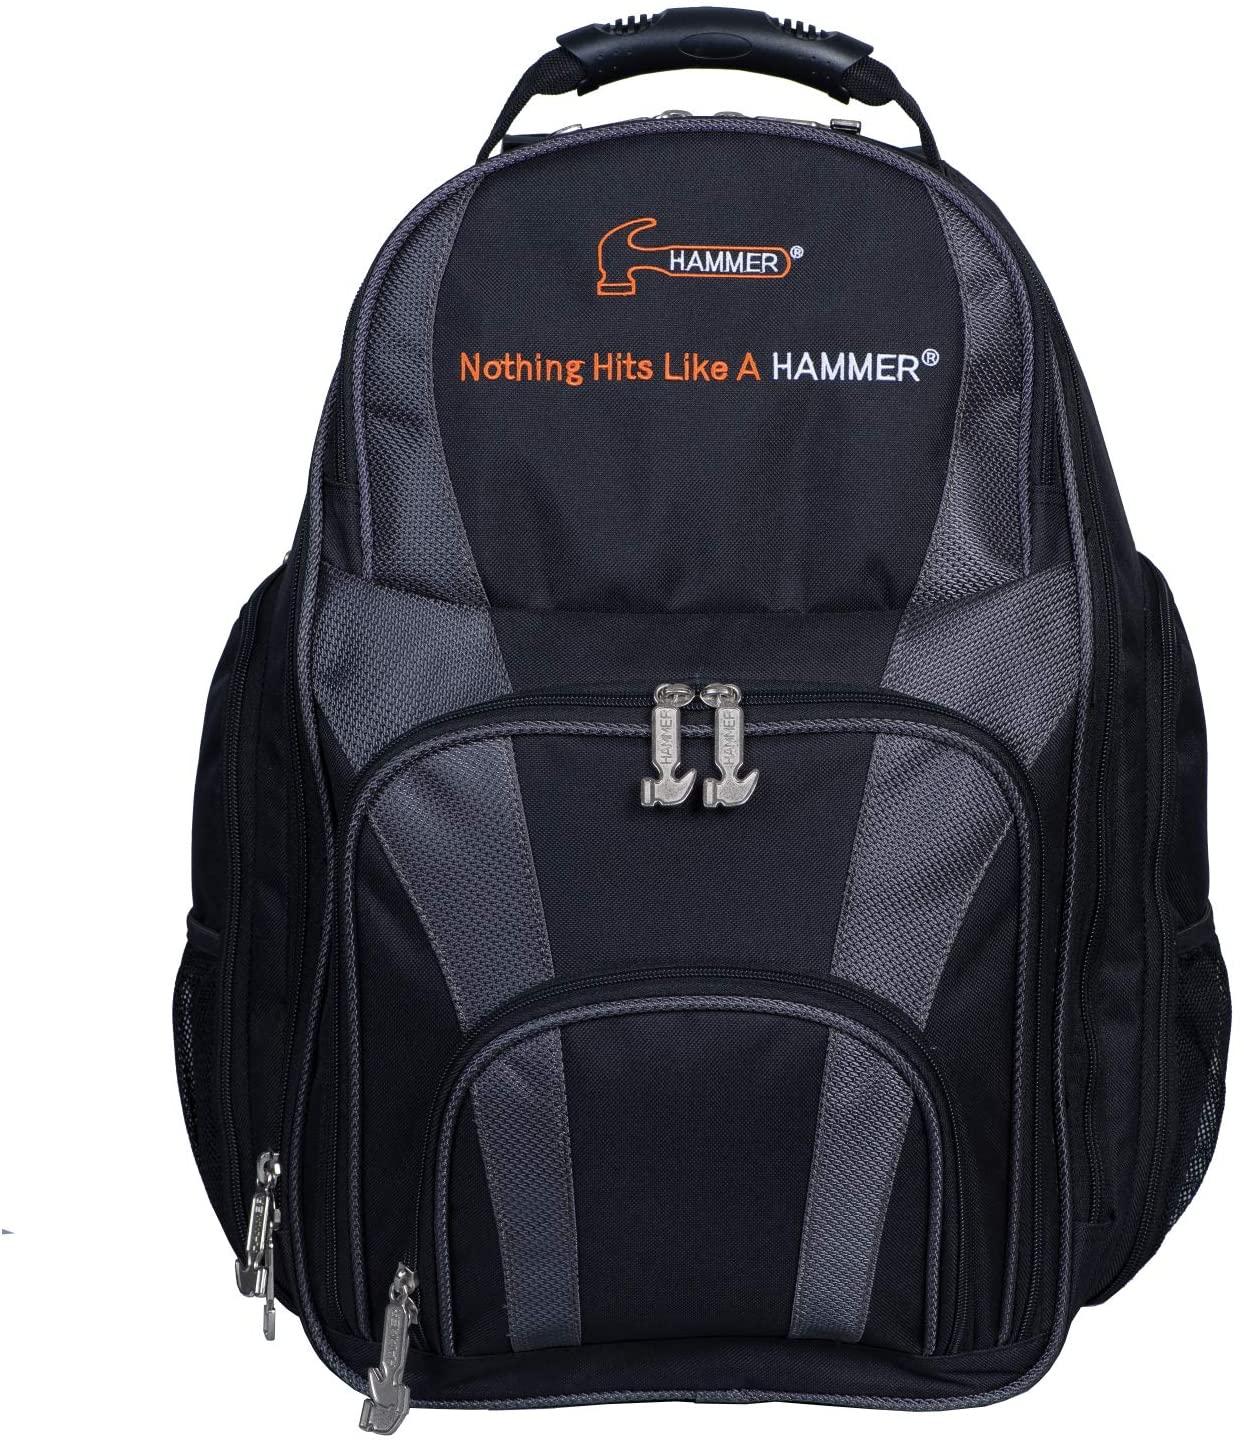 Hammer Backpack Black/Carbon